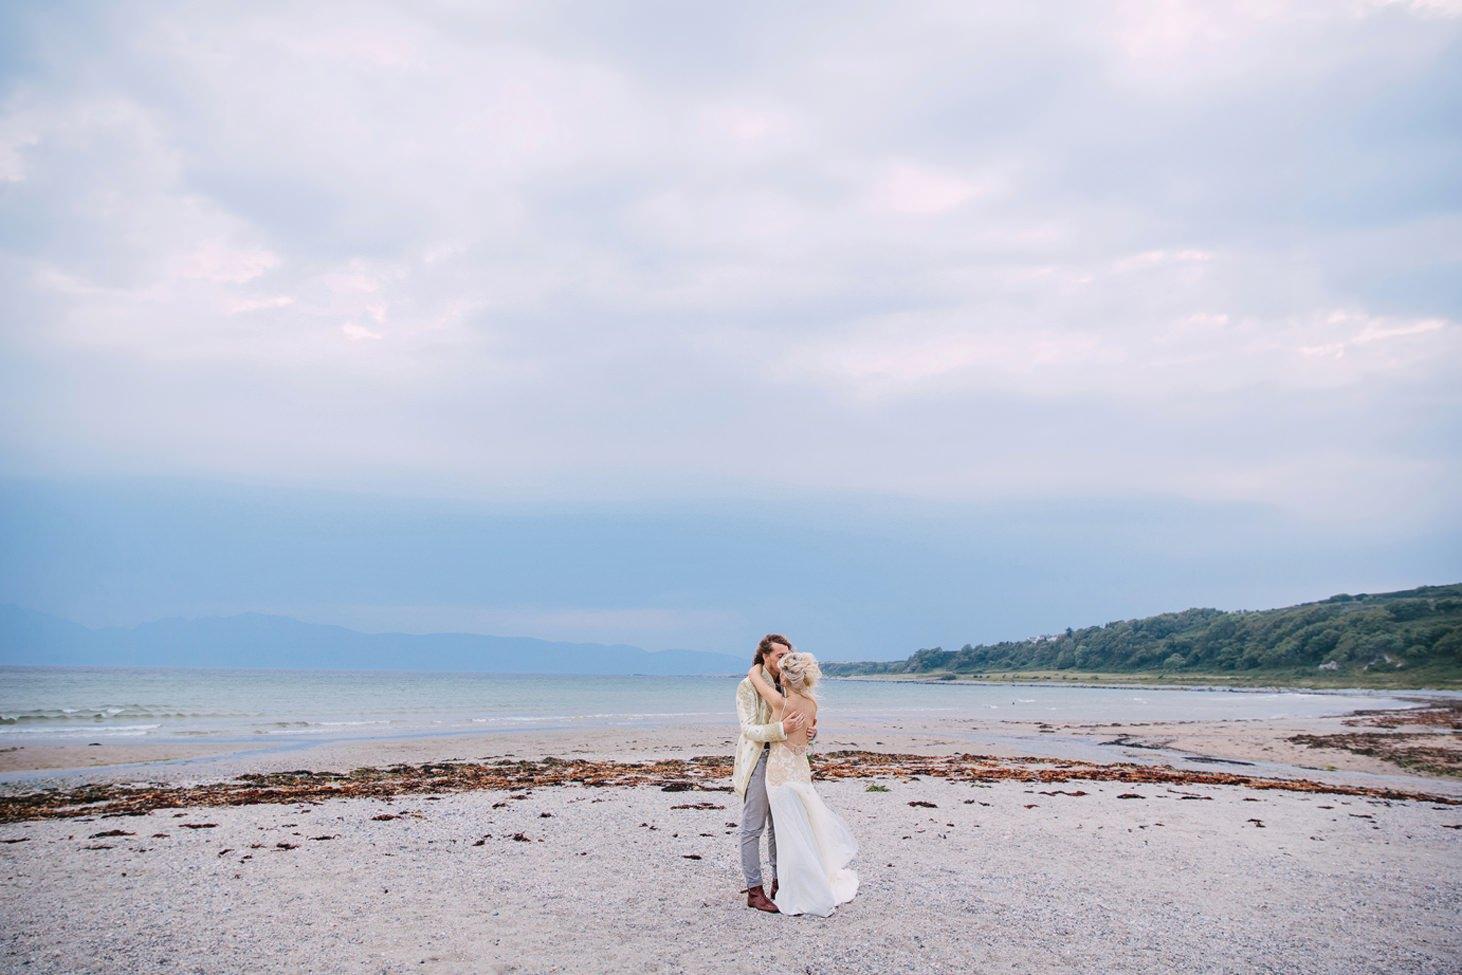 sle of bute wedding photography wedding couple on beach